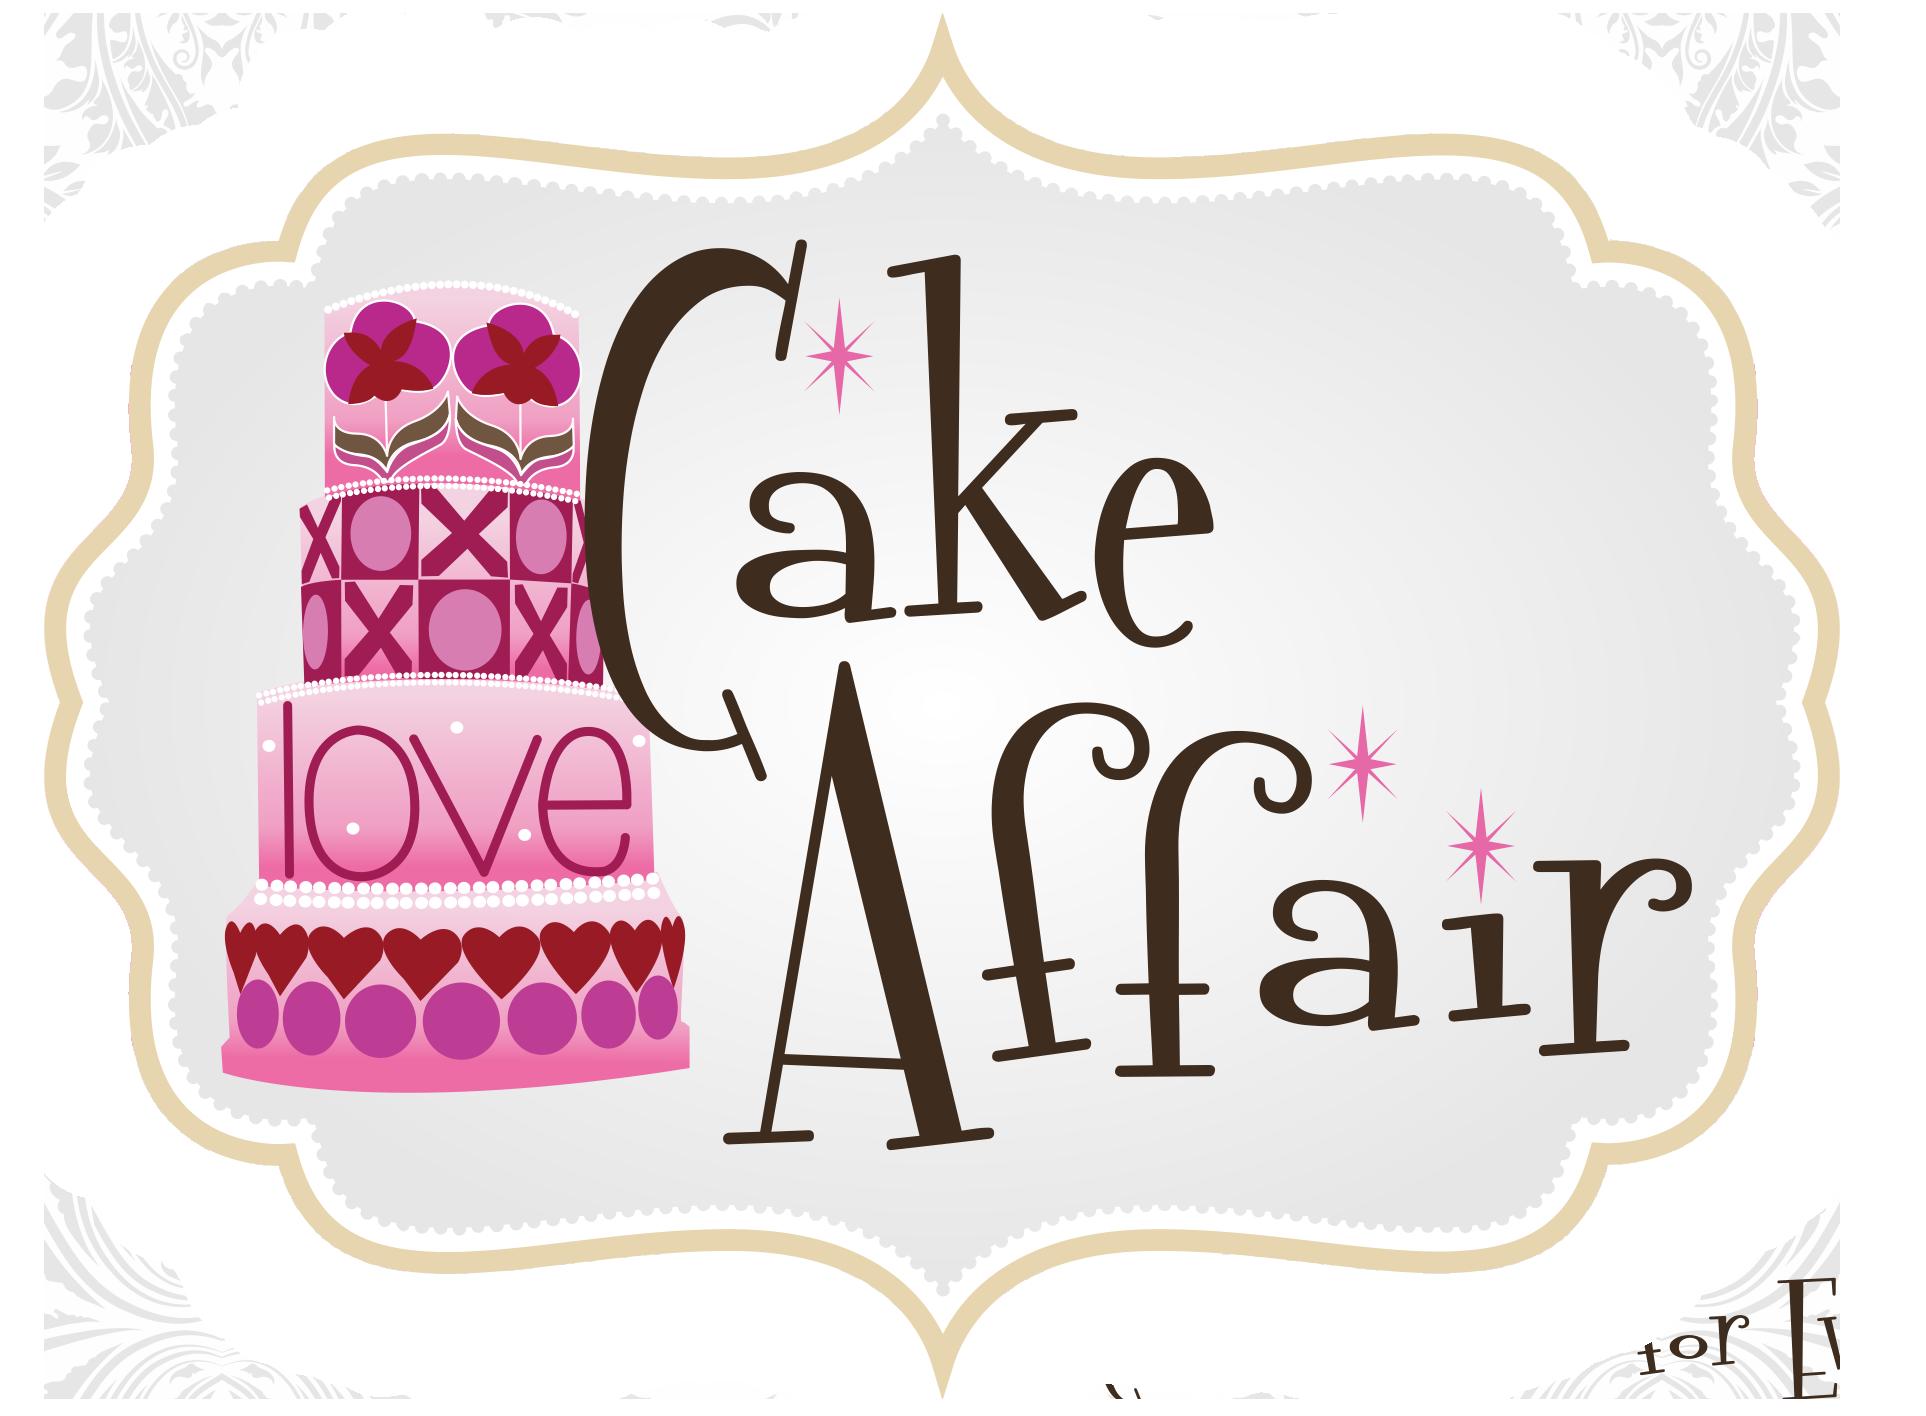 Cake Affair